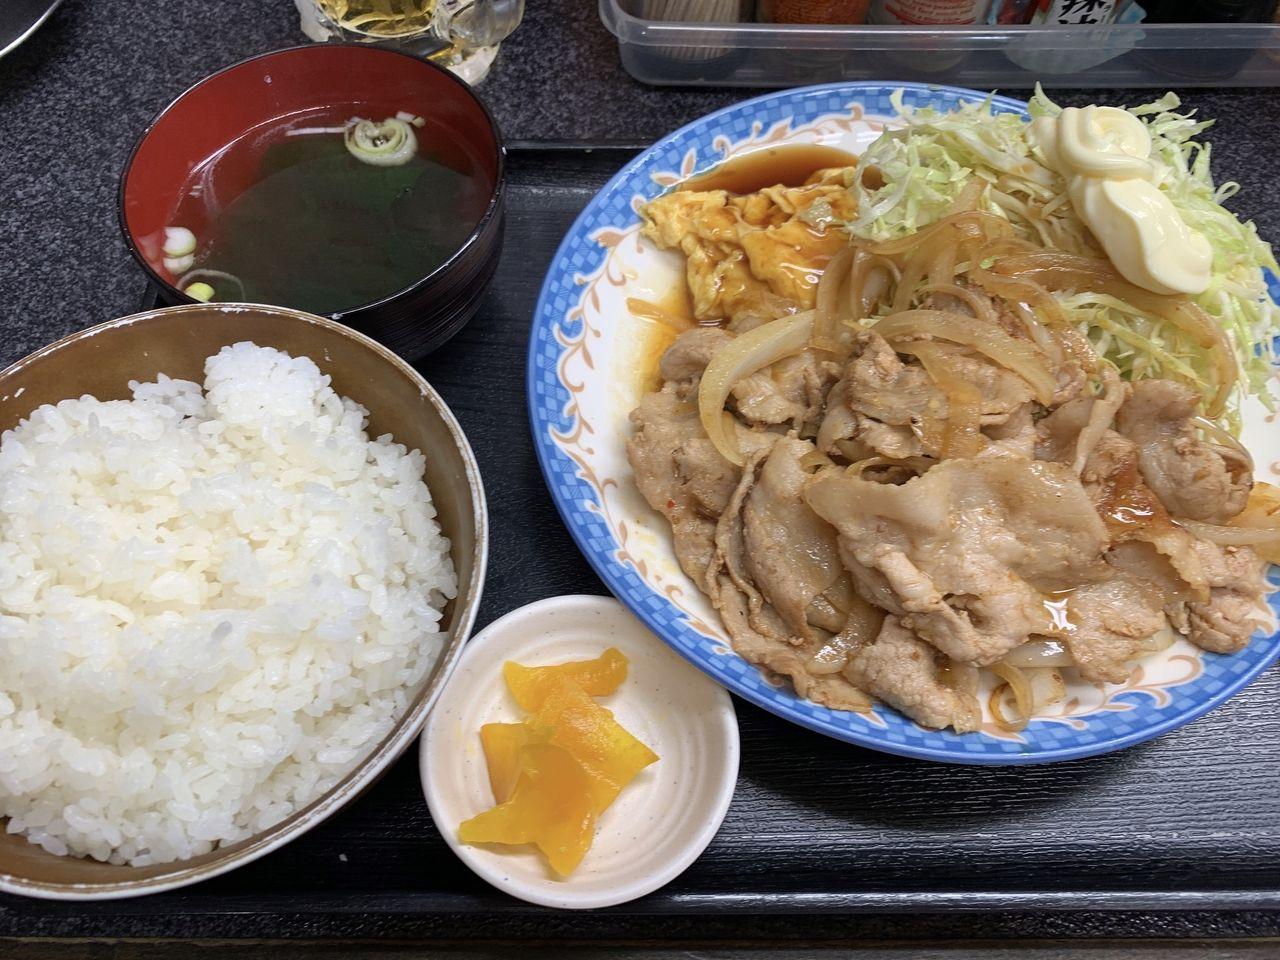 【三郷市食べ歩きブログ】三郷市早稲田1丁目にある「ごくうラーメン」へ行ってきました!